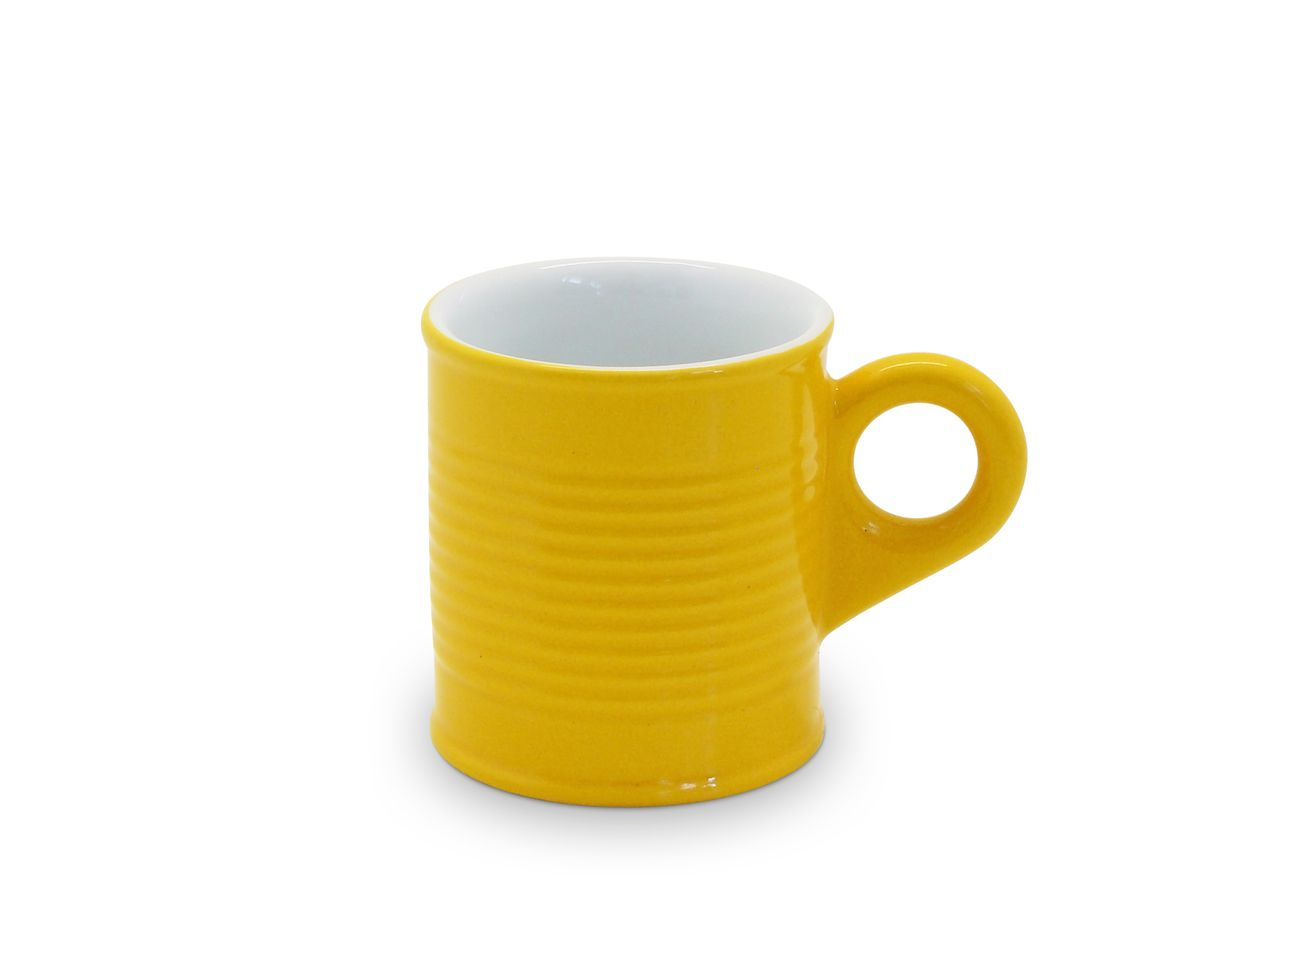 Cafézinho Lata 70Ml - Amarelo